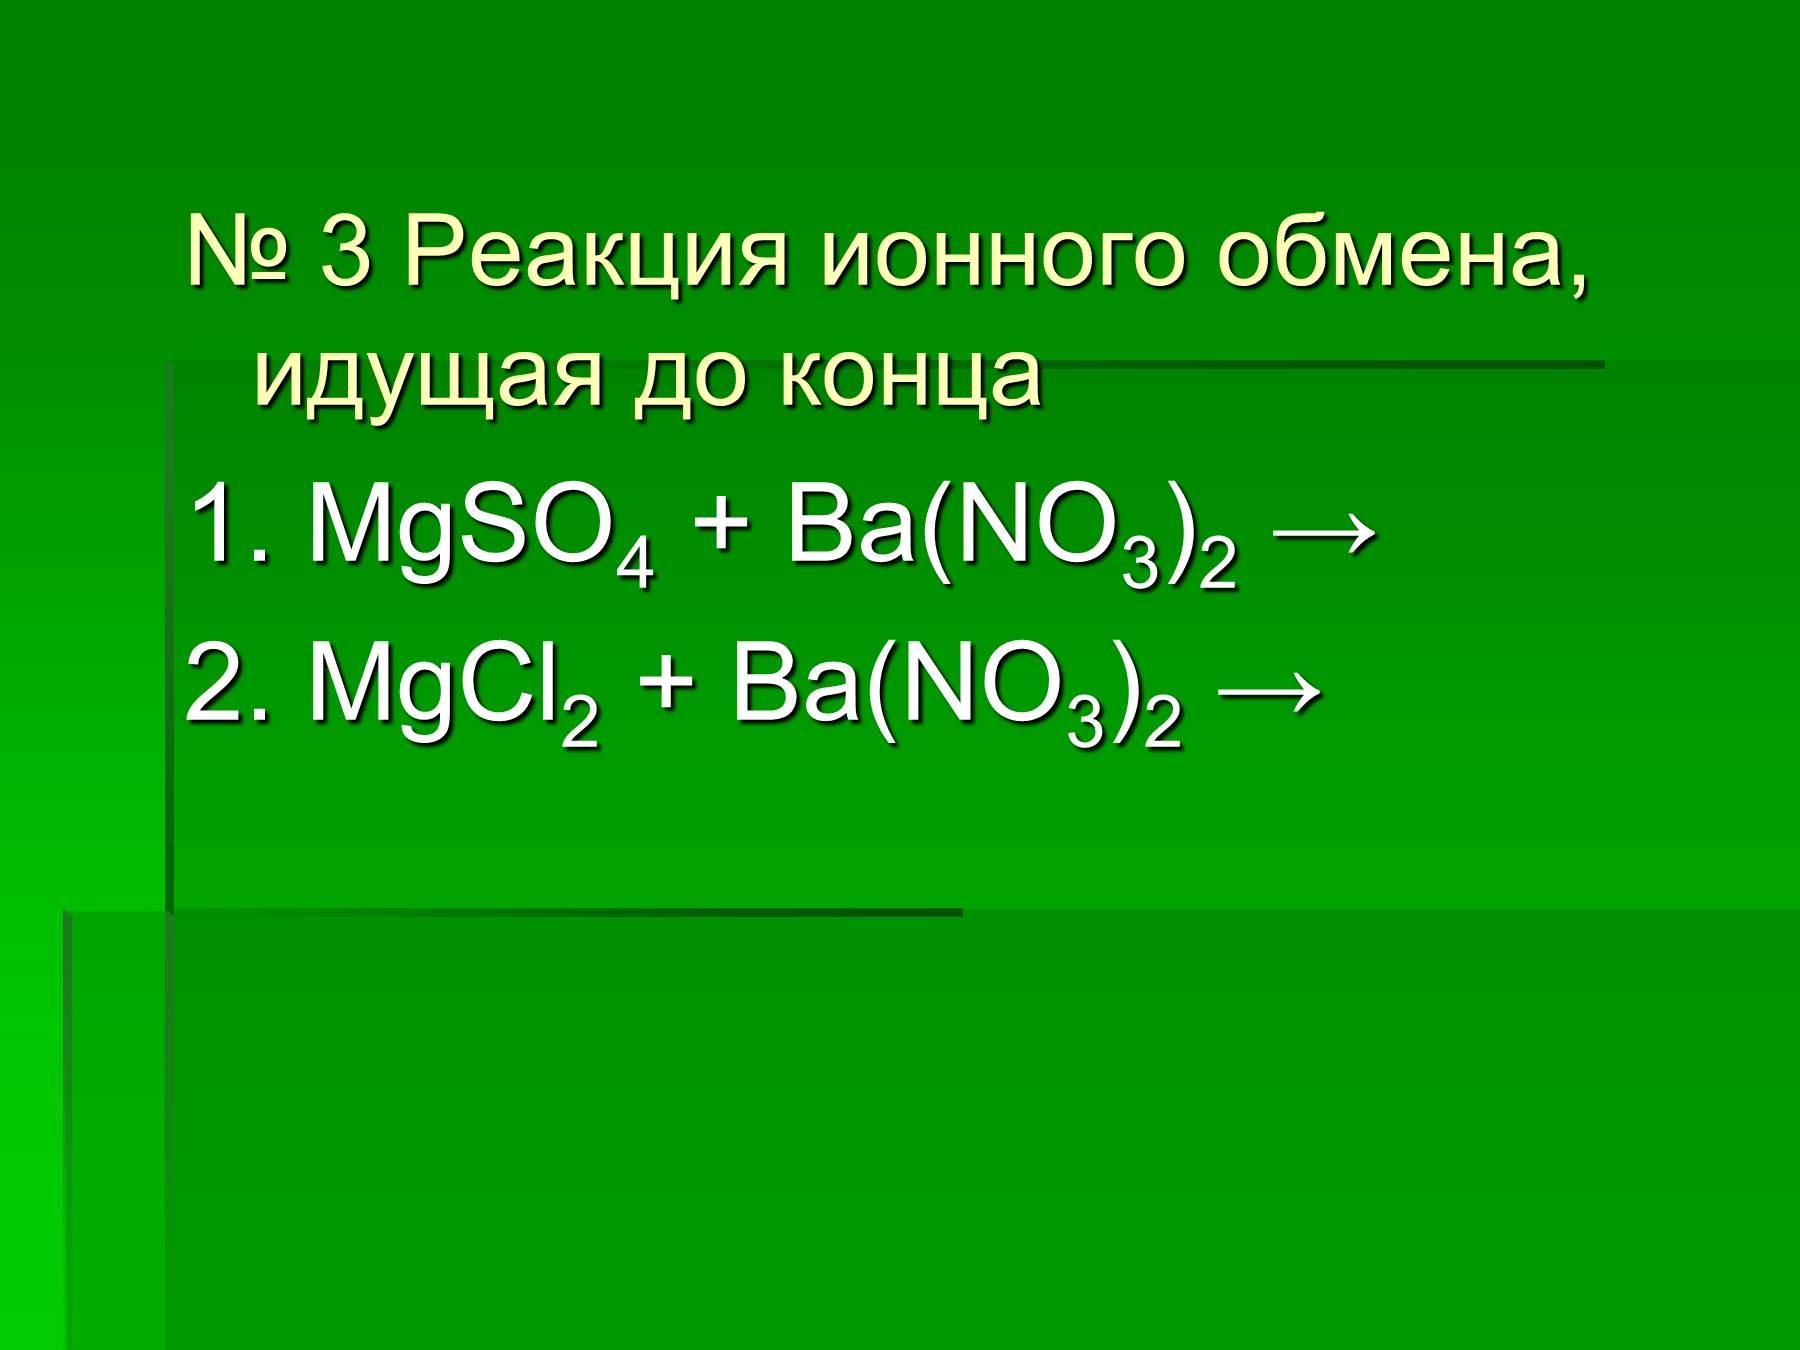 Методические рекомендации к урокам по теме Схемы реакции ионного обмена